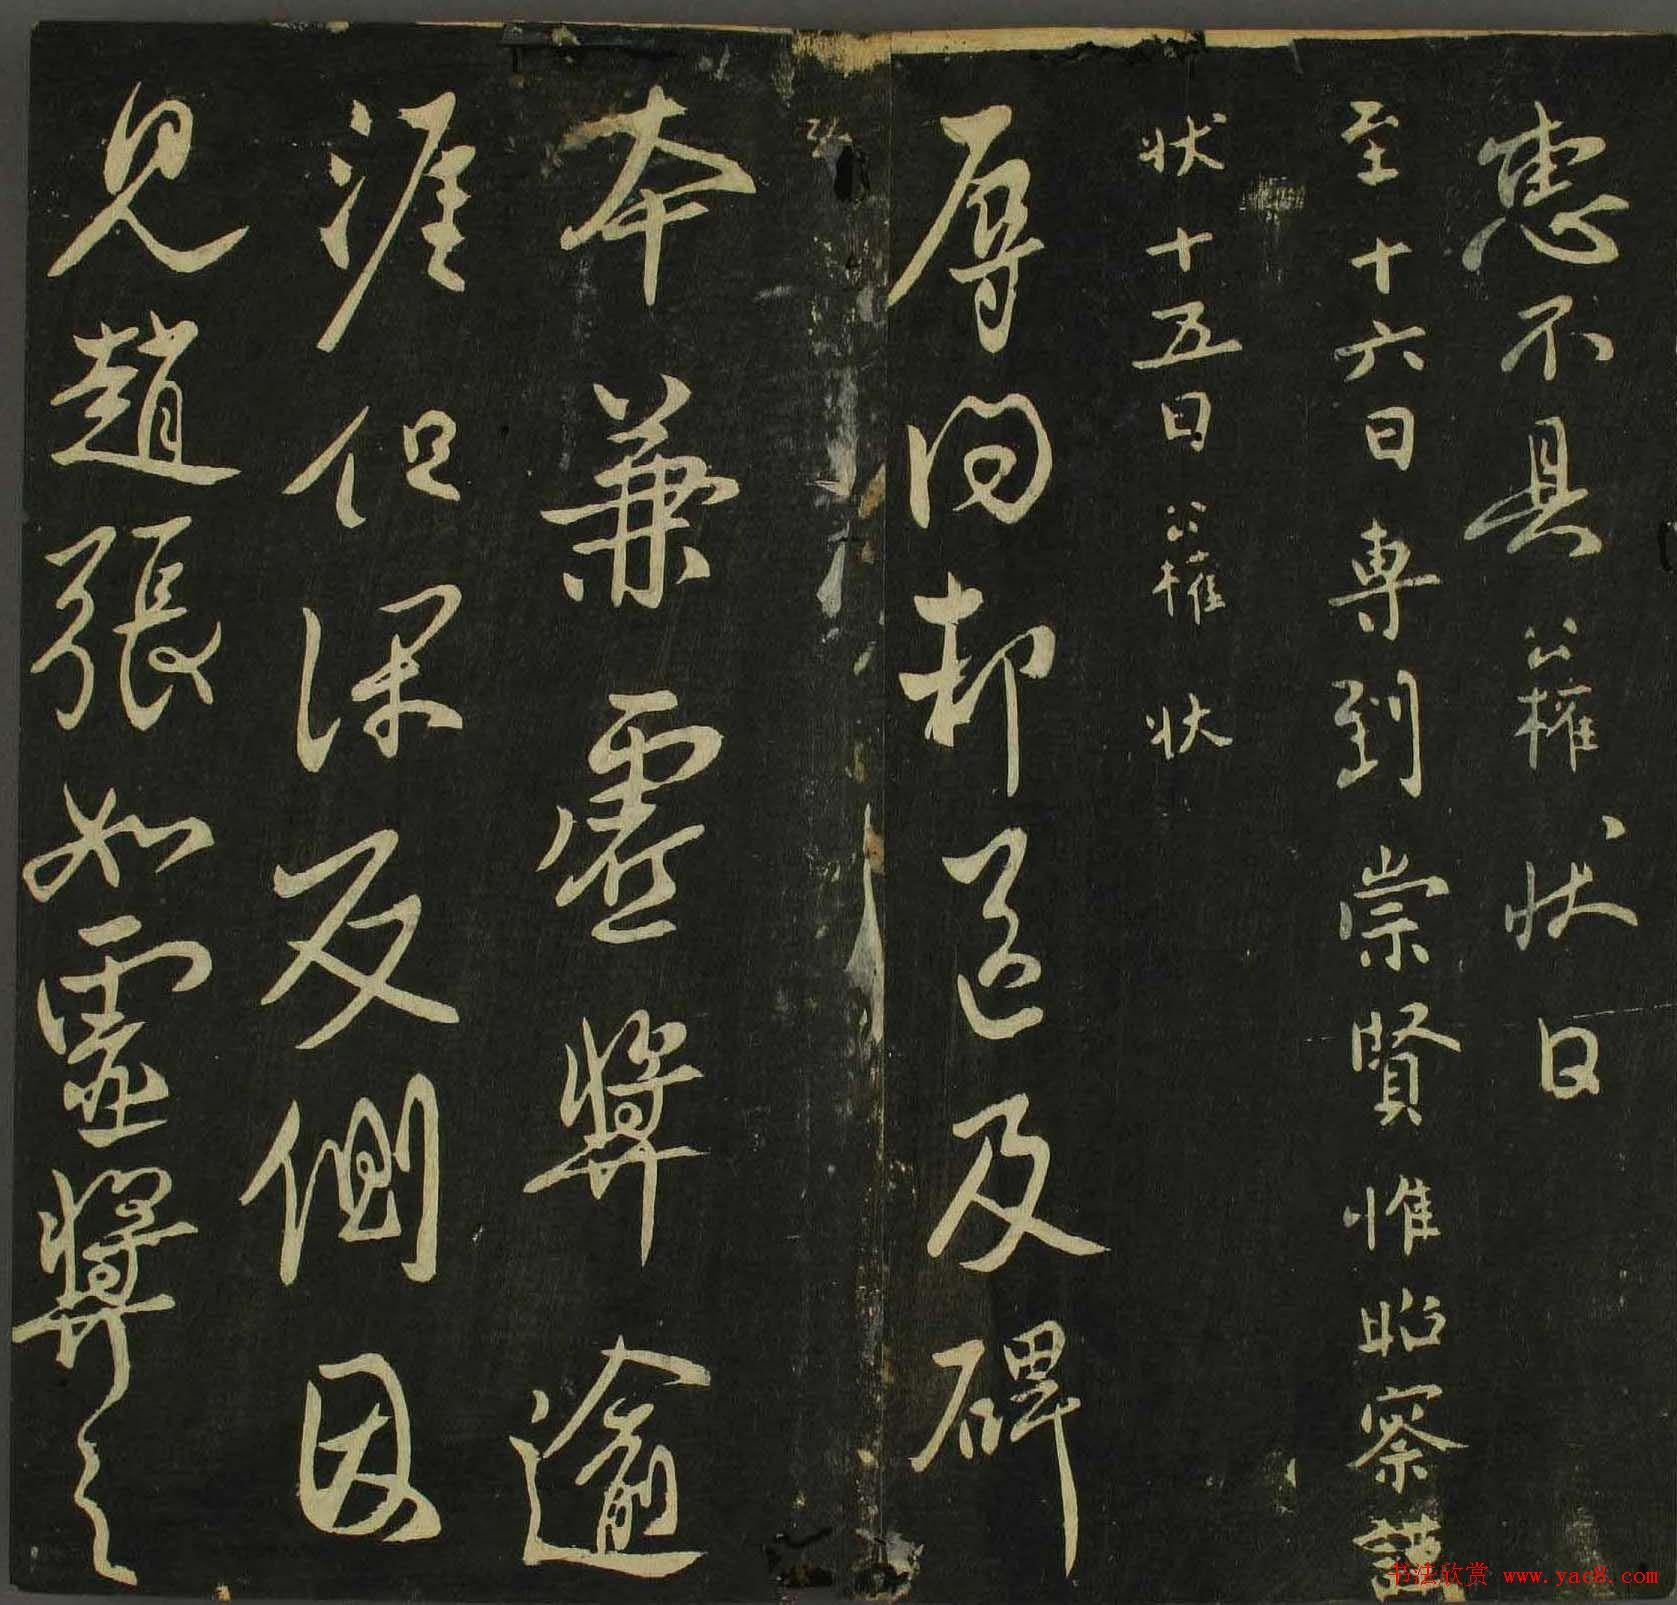 圆珠笔书法字帖下载